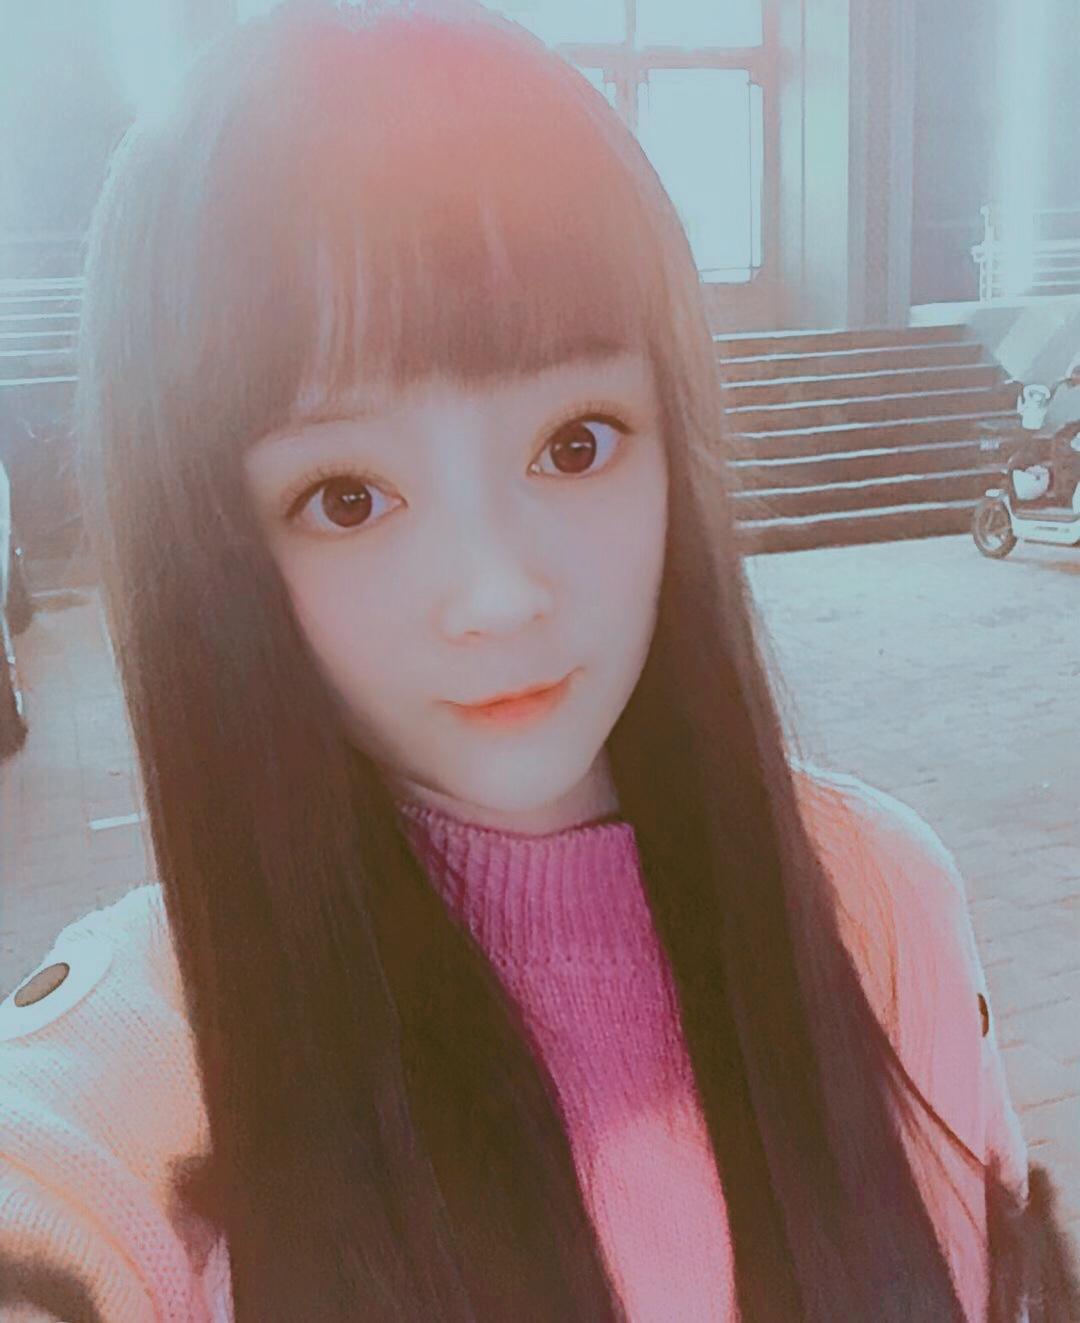 小美爱唱歌◆丶【美】求200买过任务